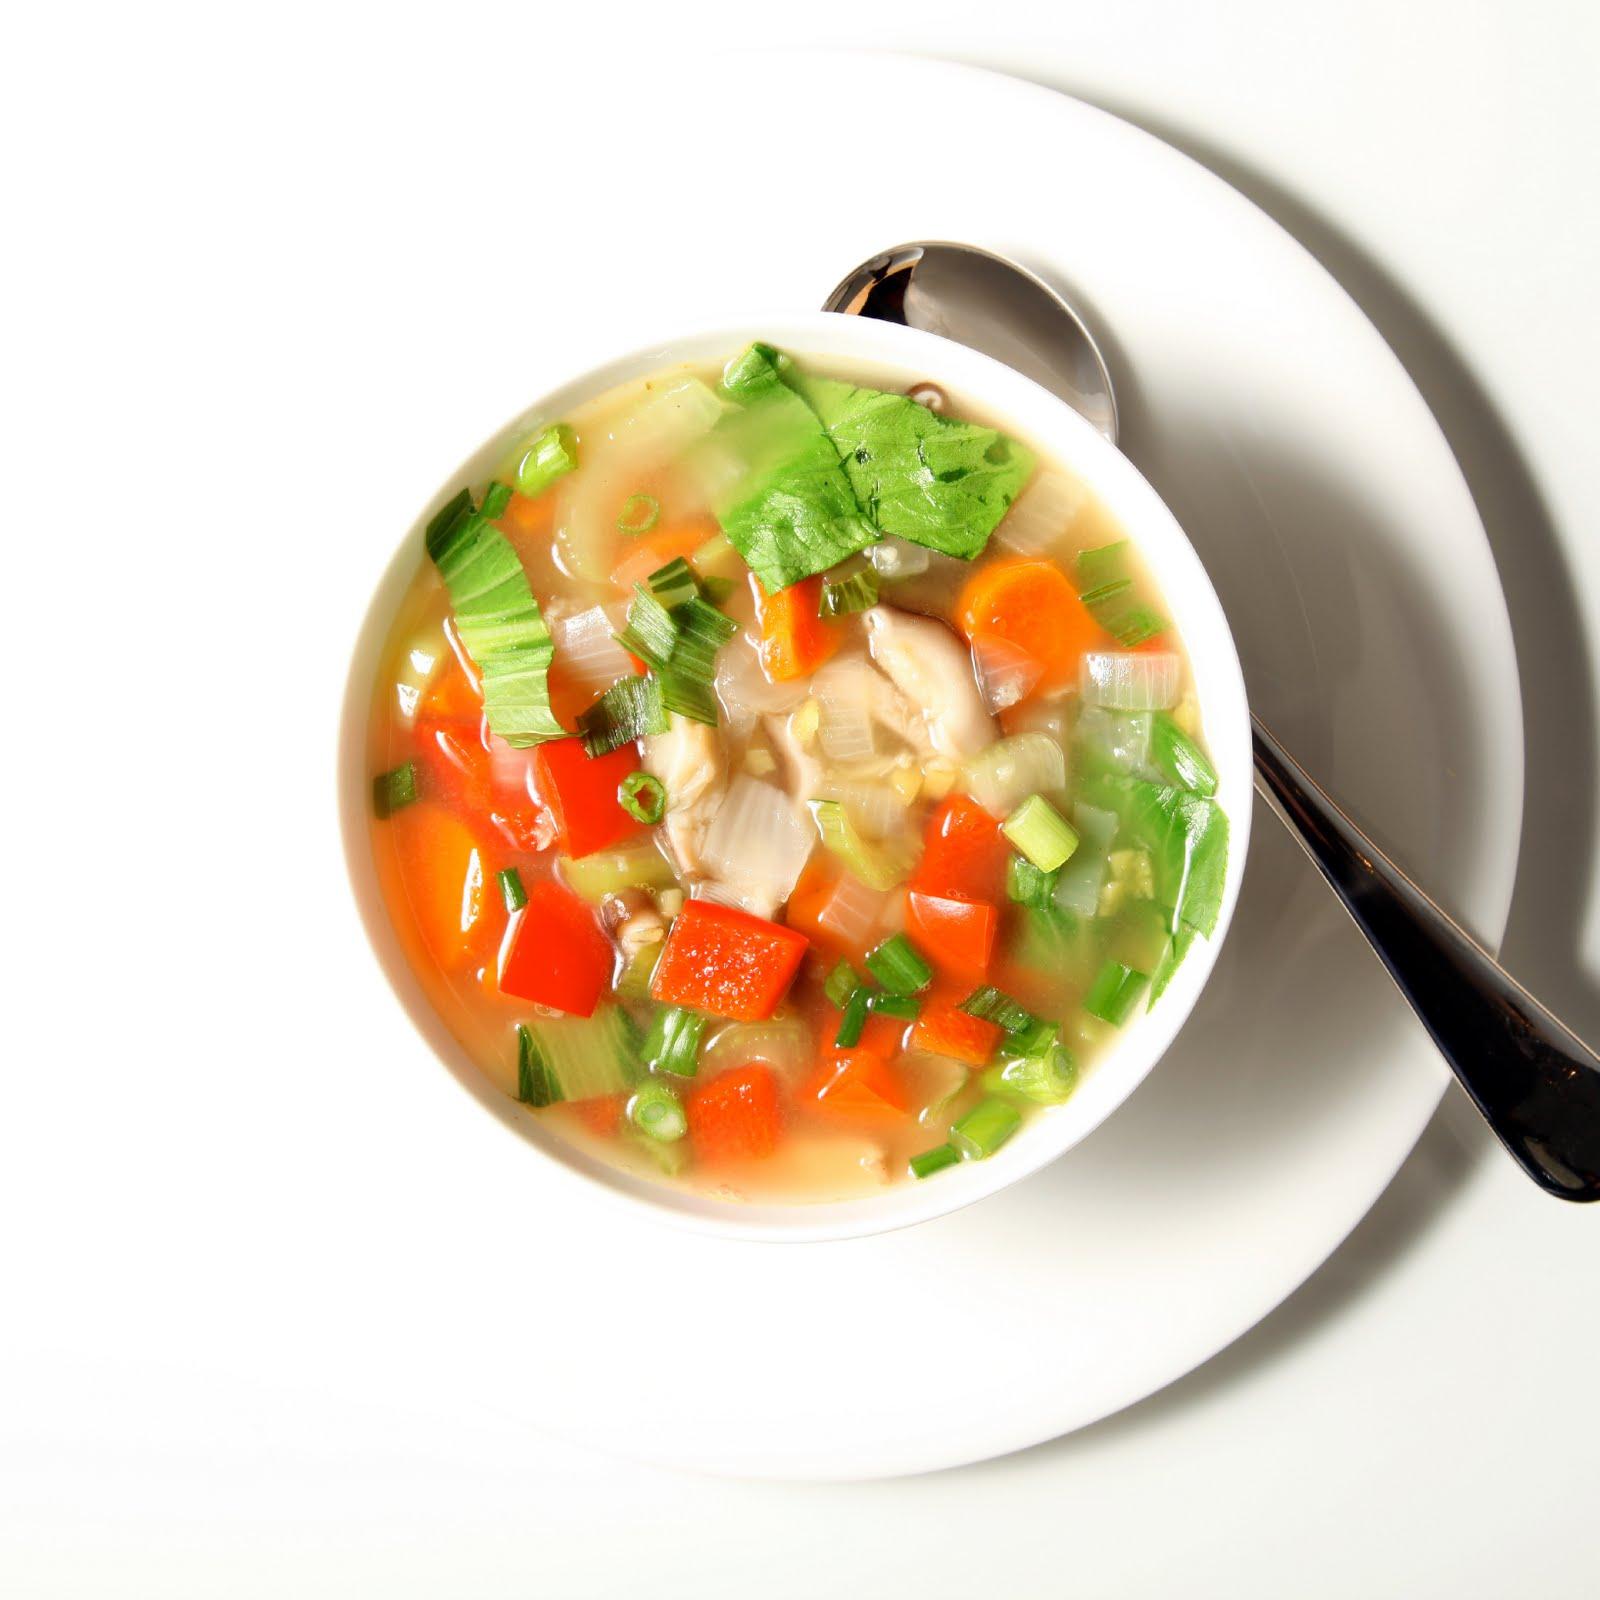 http://1.bp.blogspot.com/_OU-LXCEEY0M/Swn1rOSVe0I/AAAAAAAAAWE/ImRVWuuyvIg/s1600/sqeasy+vegetable+soup.jpg